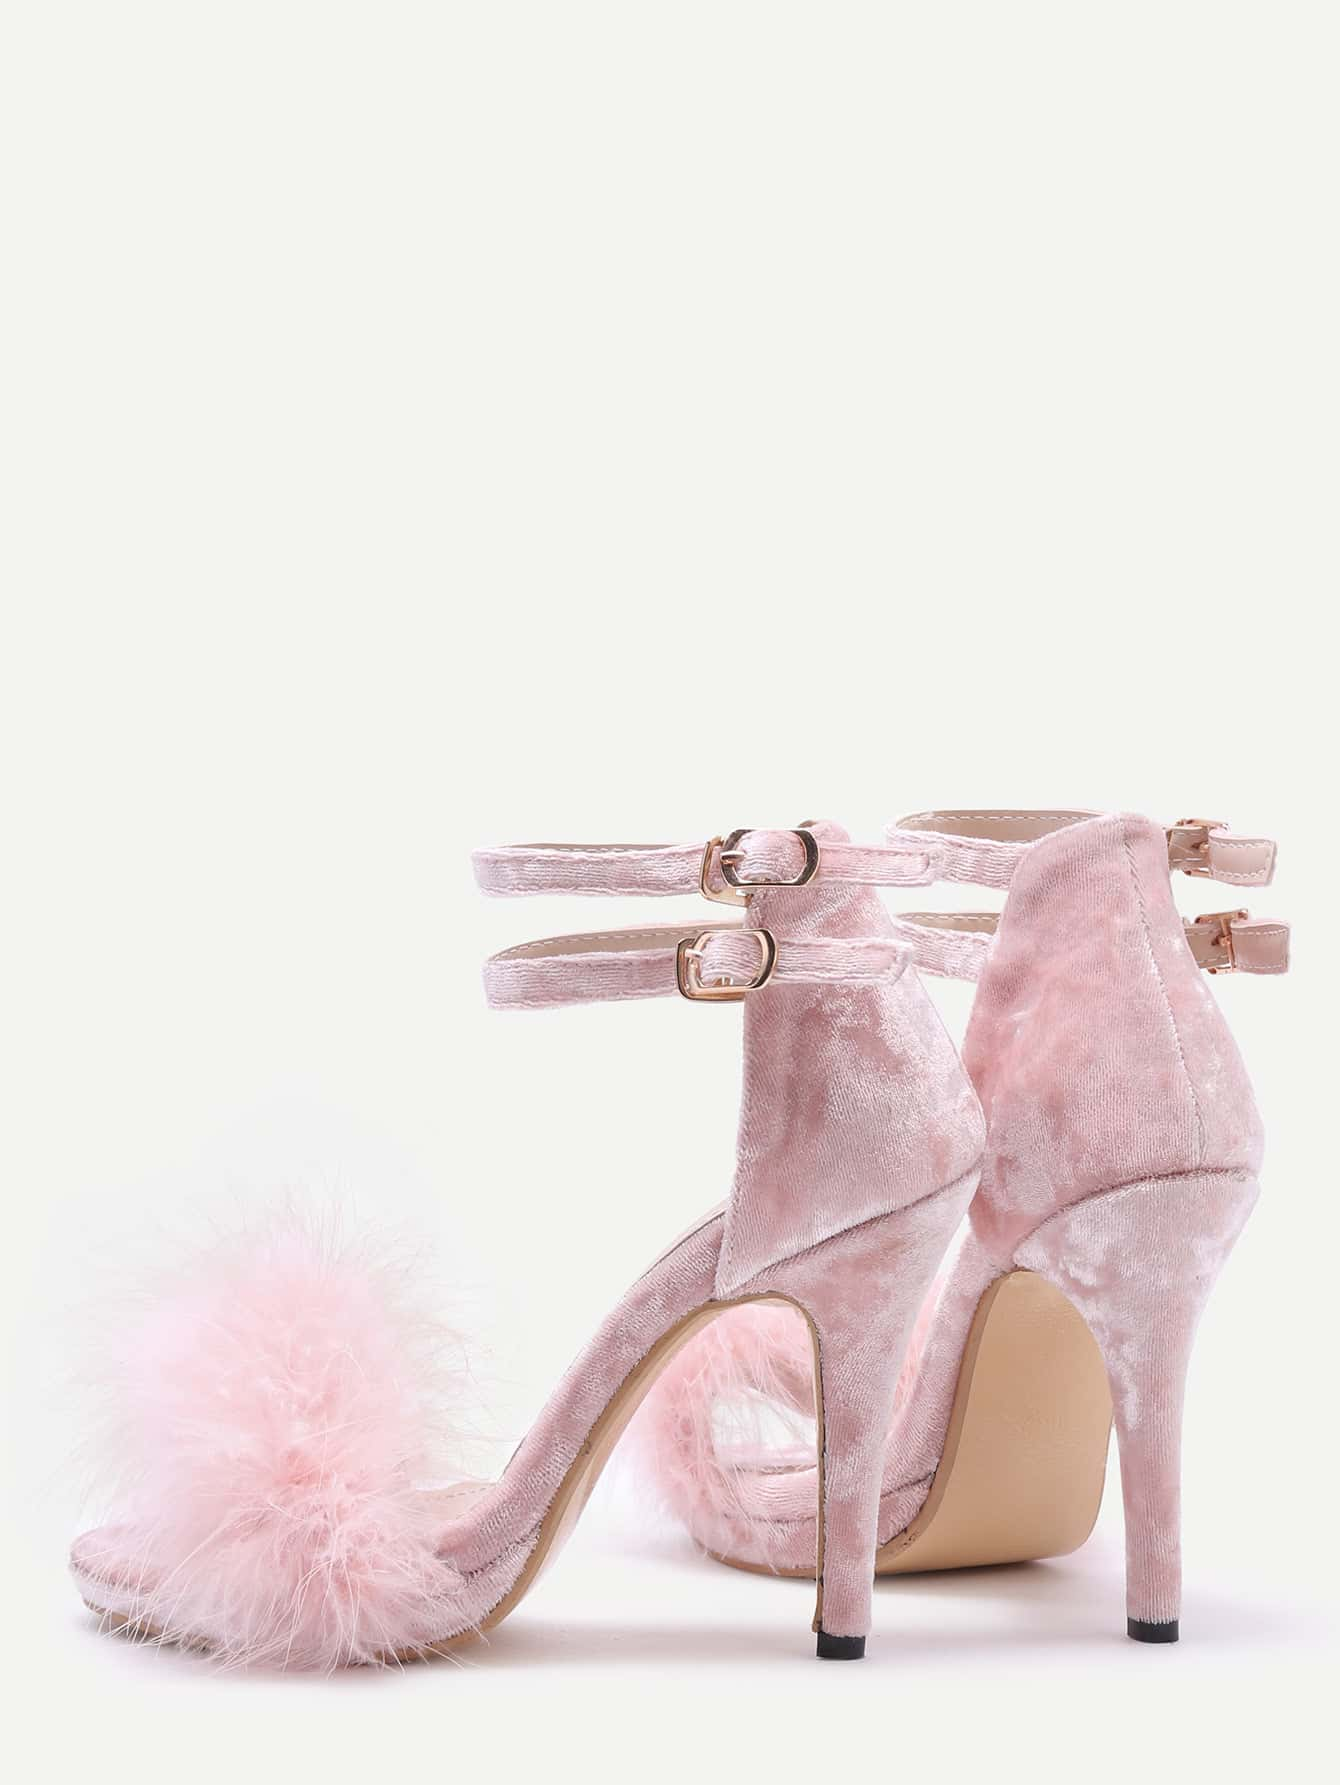 shoes161101802_2